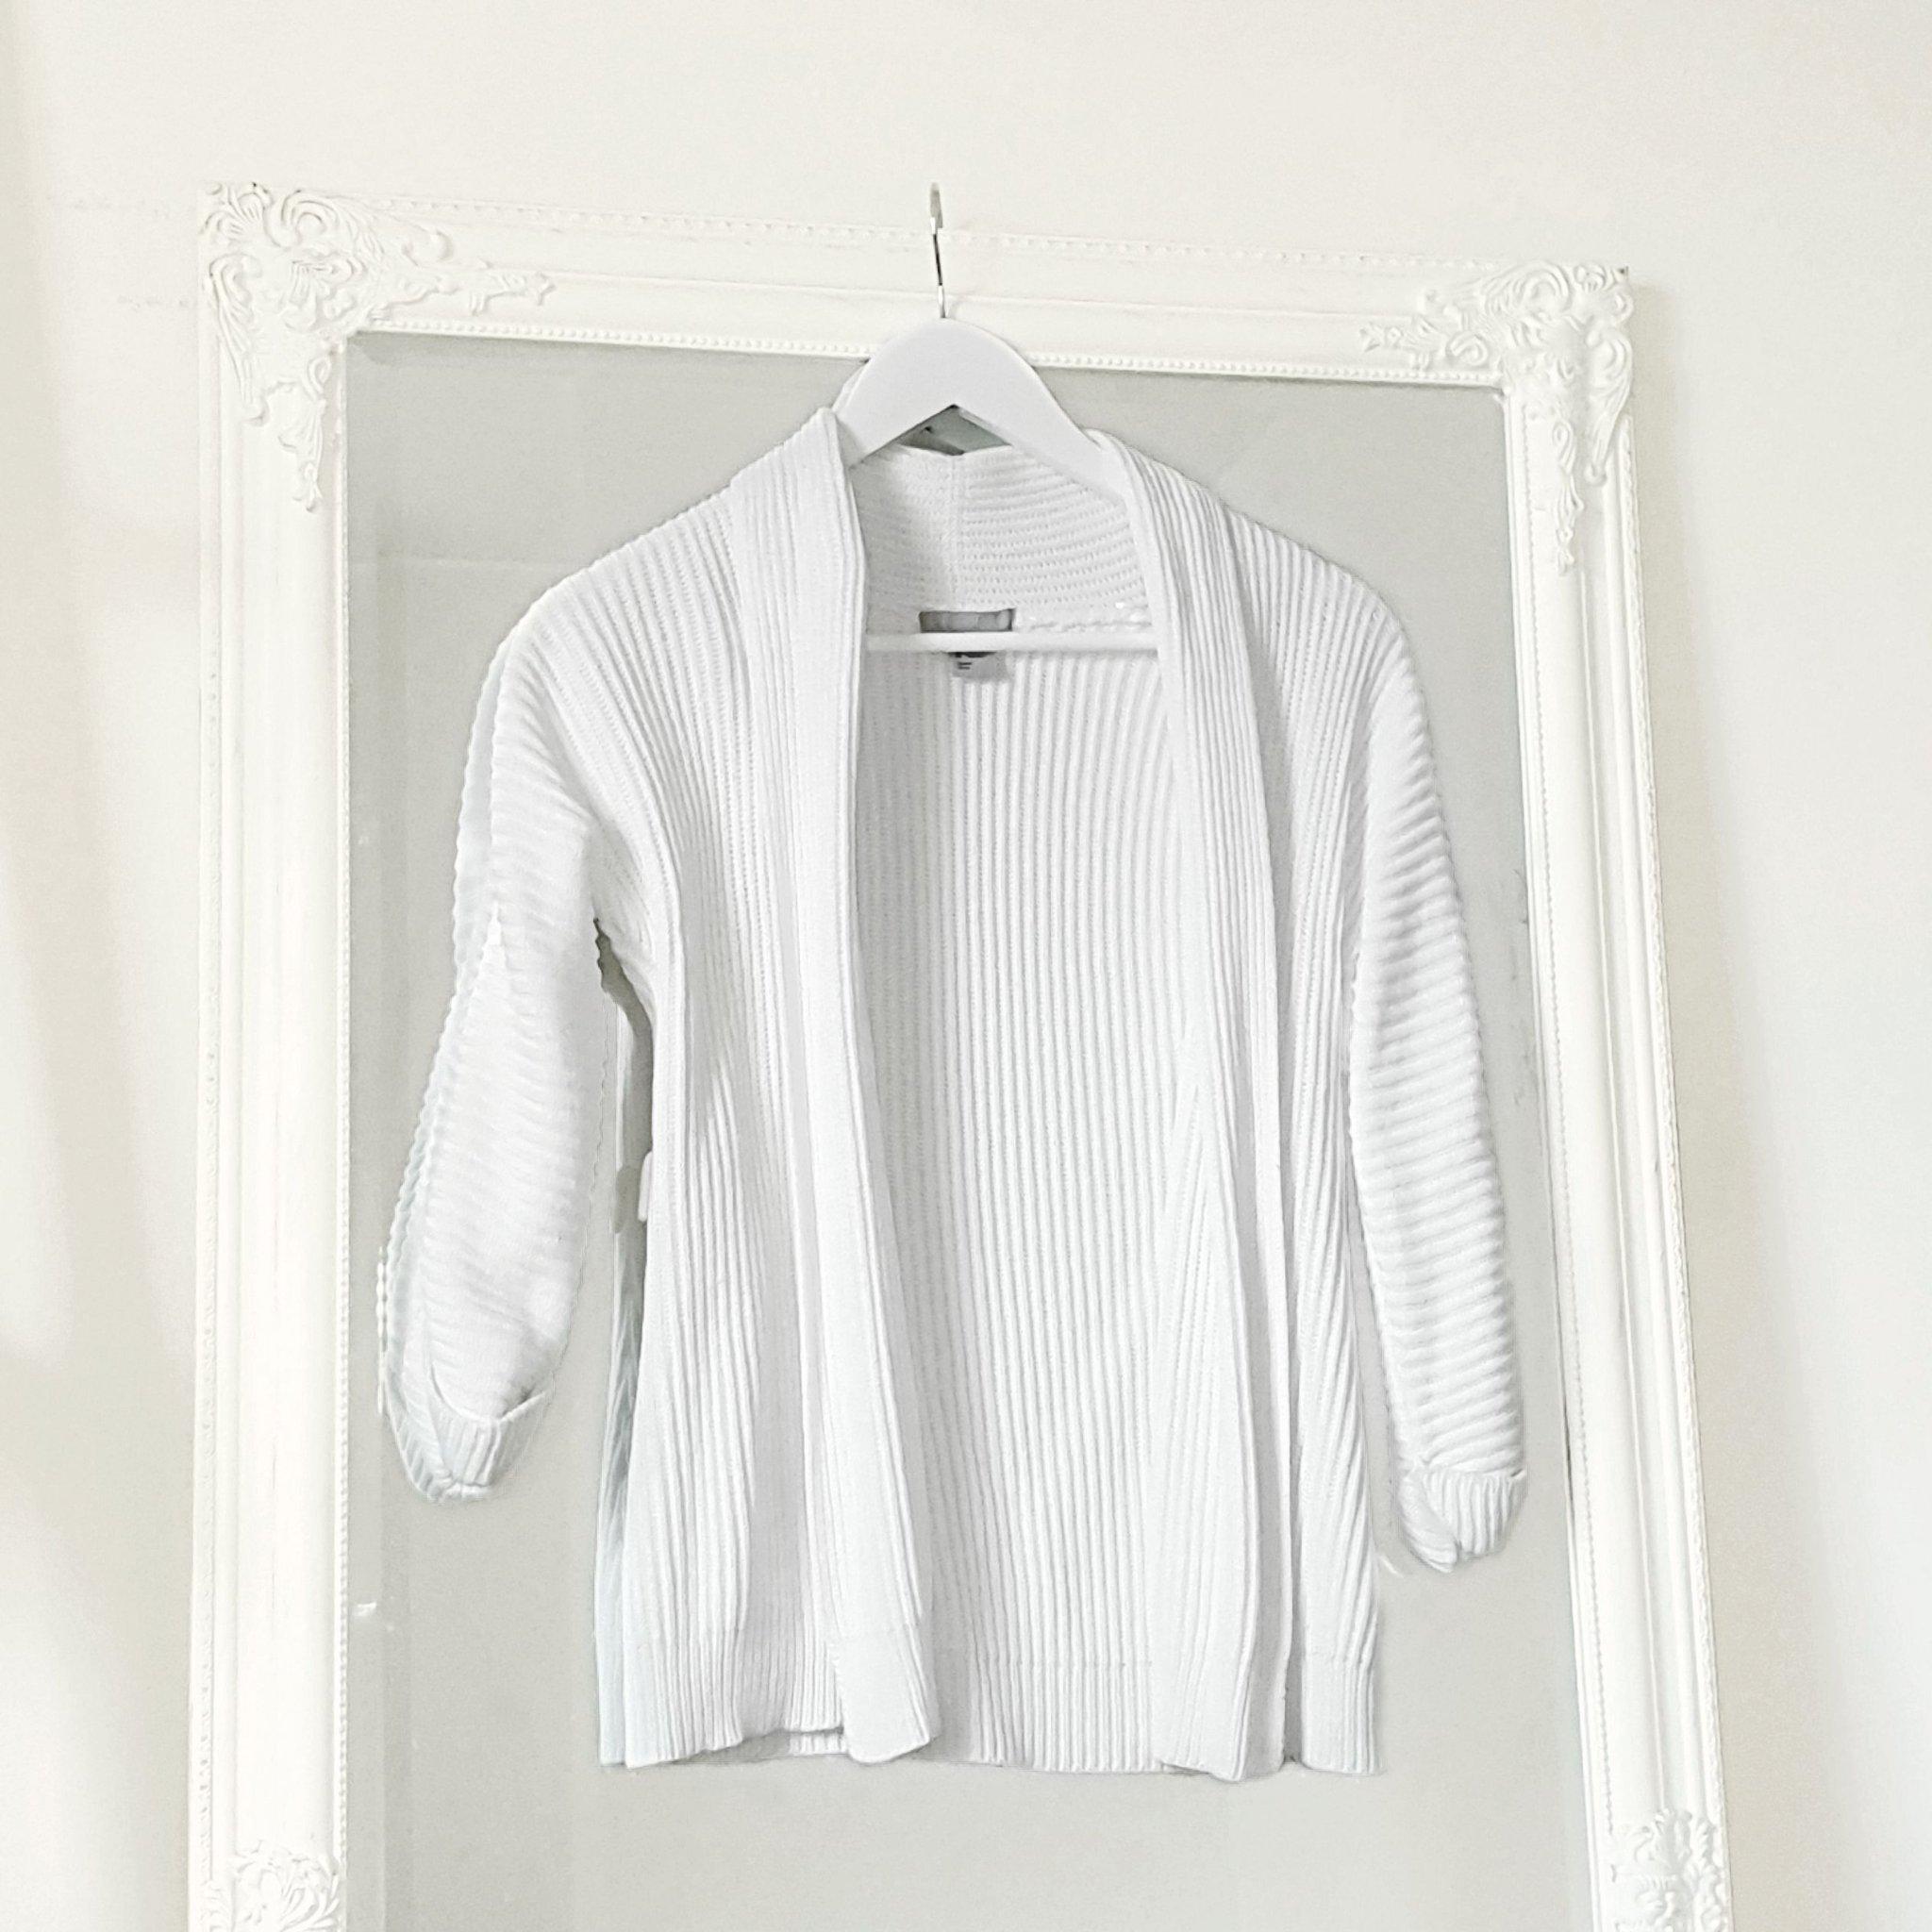 vit kofta XS H&M kort modell chic klassisk stil.. (420369401